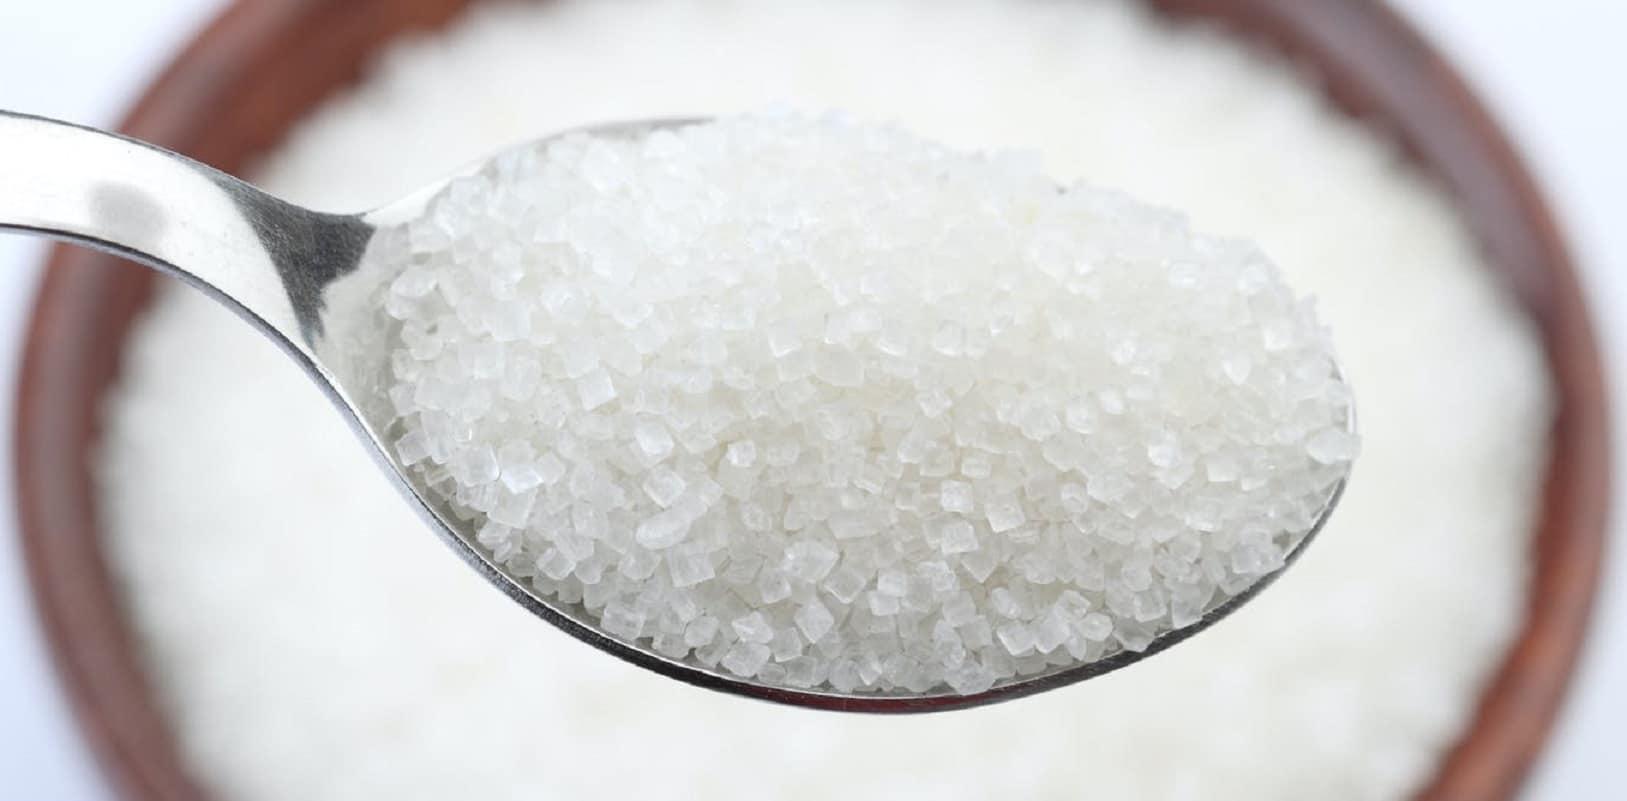 Как отмерить сахар мерным стаканом